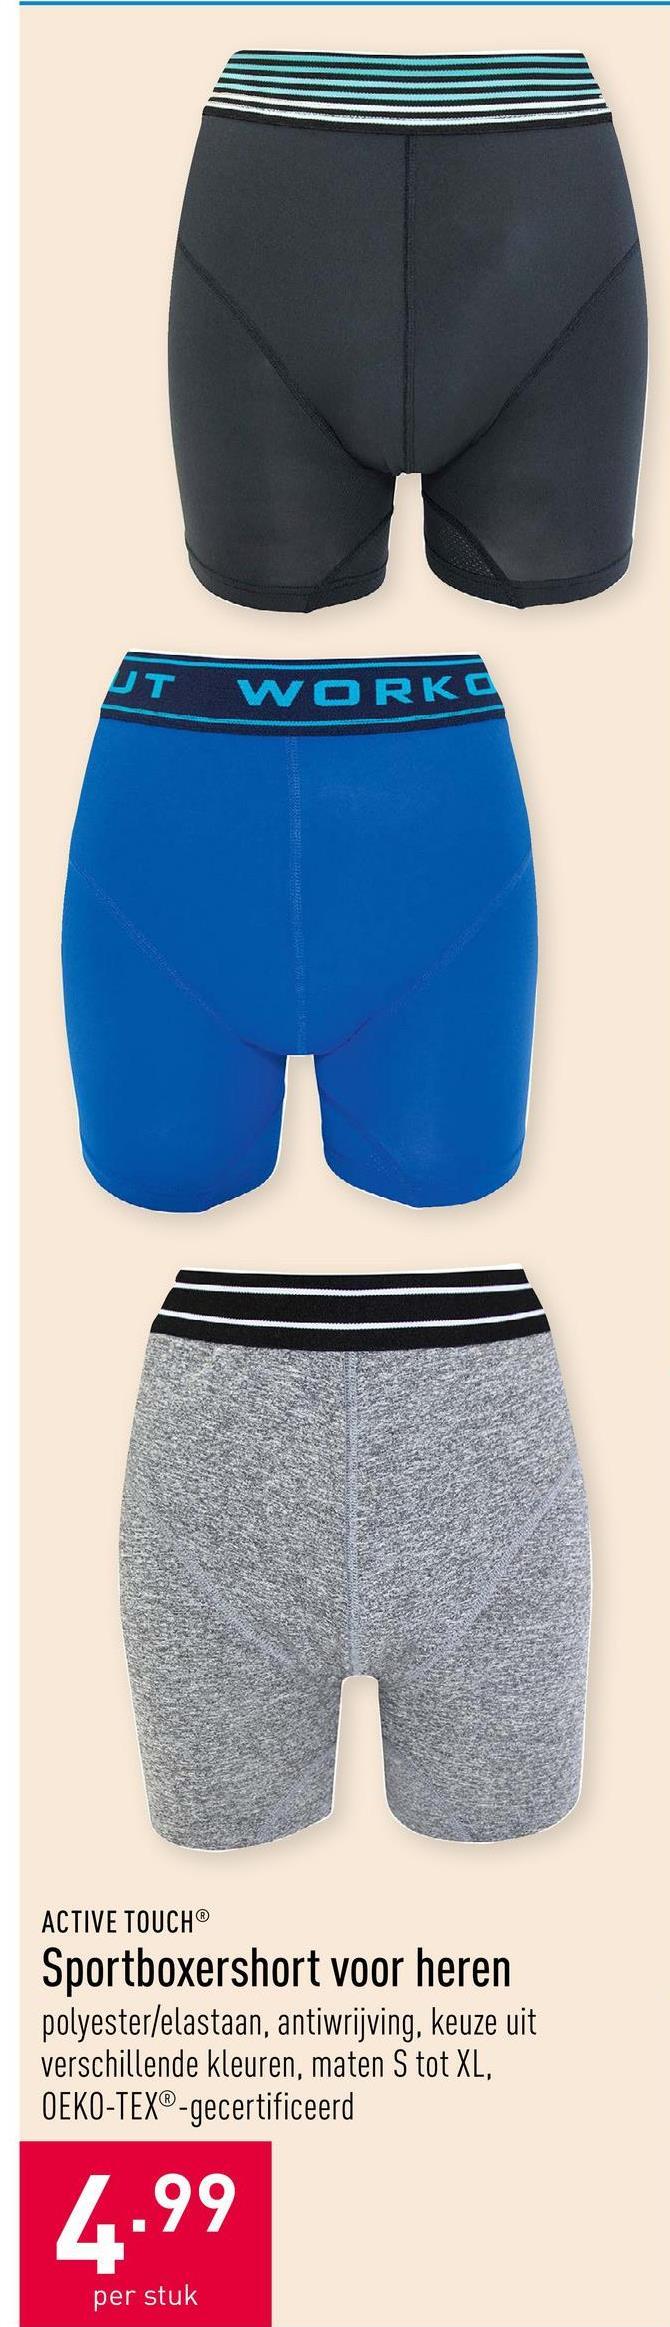 Sportboxershort voor heren polyester/elastaanantiwrijvingkeuze uit verschillende kleurenmaten S tot XLOEKO-TEX®-gecertificeerd